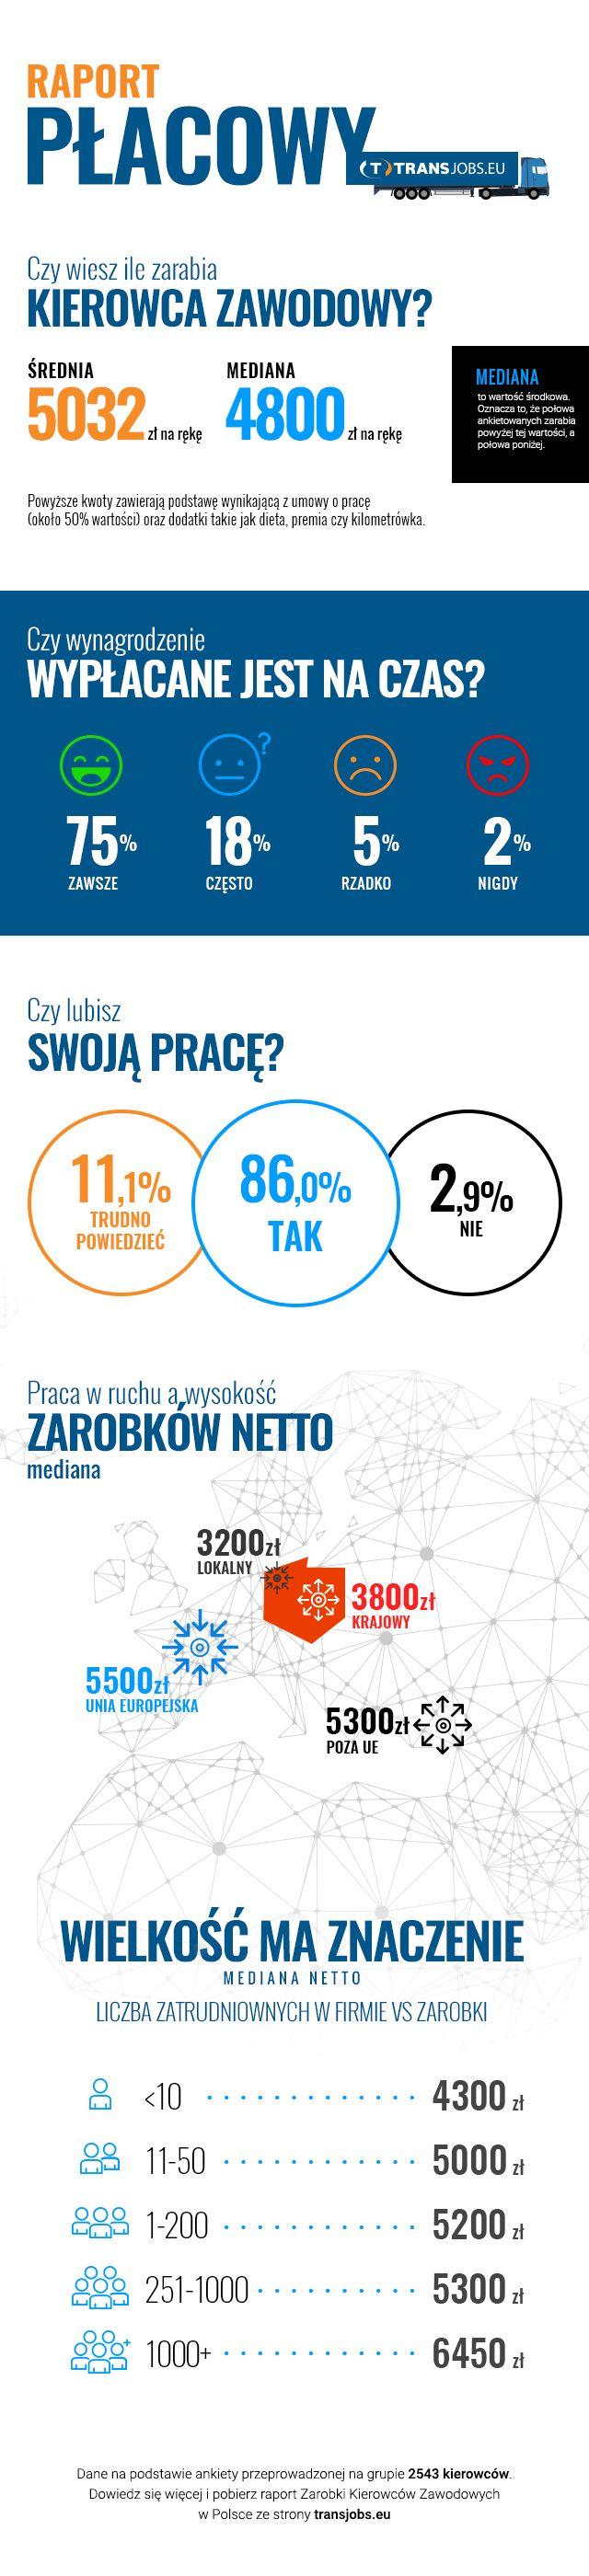 Wynagrodzenia kierowców zawodowych - infografika